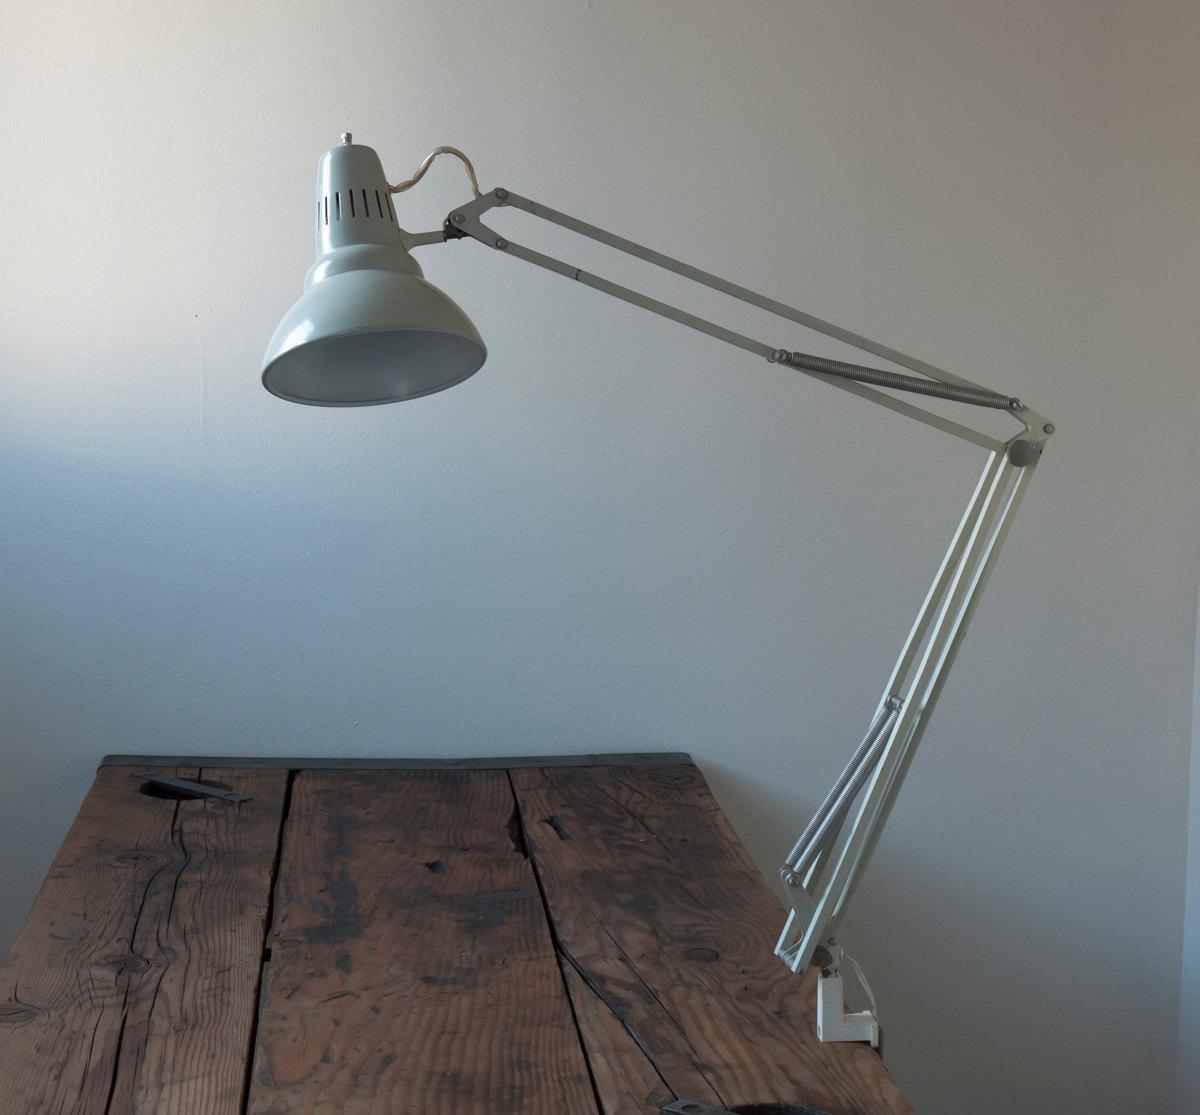 Architect Lamp Clamp Design Ideas